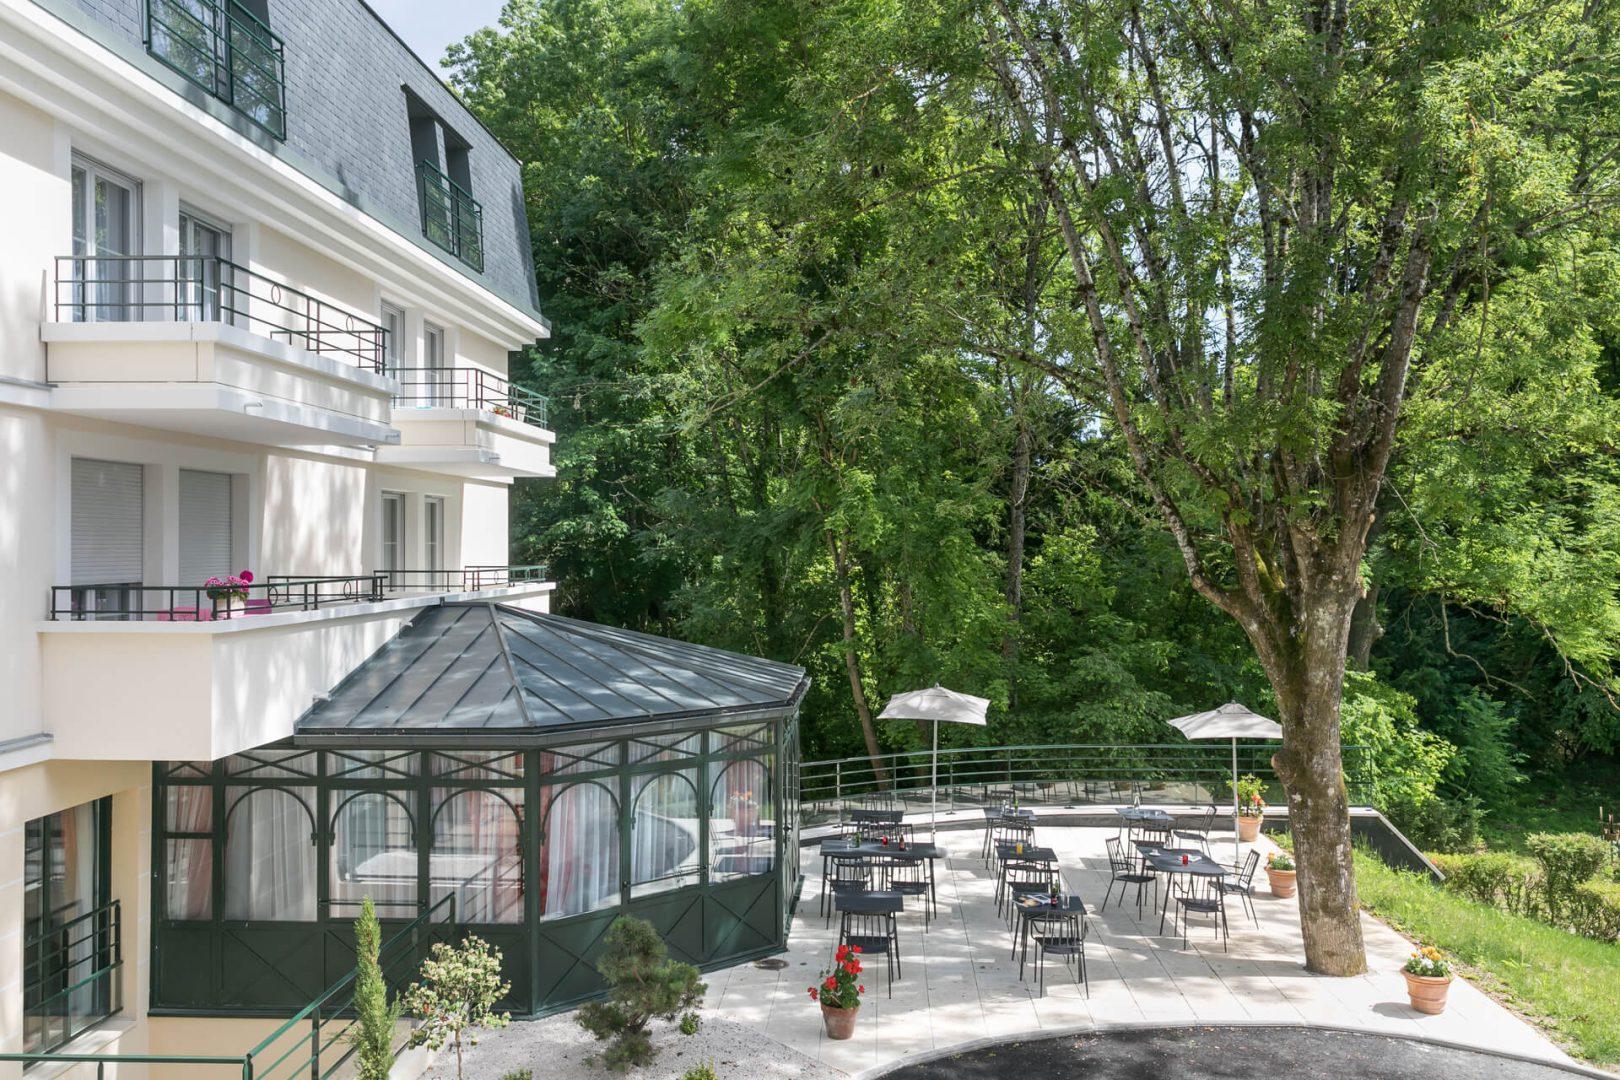 Découvrez la terrasse et le jardin de la résidence senior Dijon Villa Médicis - Petites Roches